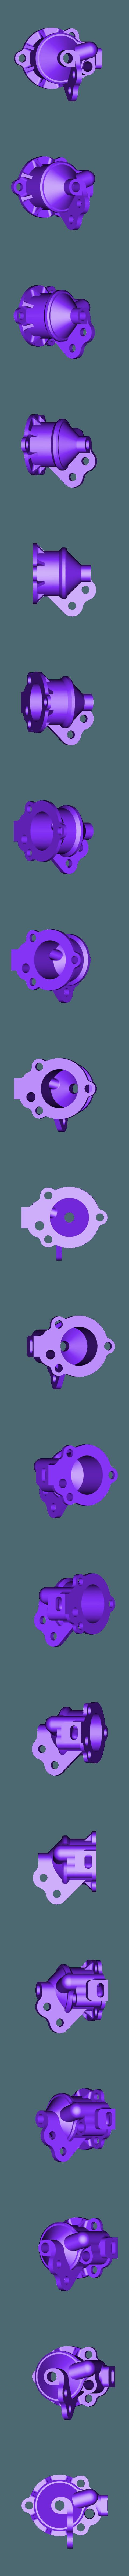 XX_Main_Cylinder_4mm_Pipe.stl Télécharger fichier STL gratuit Vapemobile : Voiture jouet pneumatique • Modèle pour imprimante 3D, Slava_Z